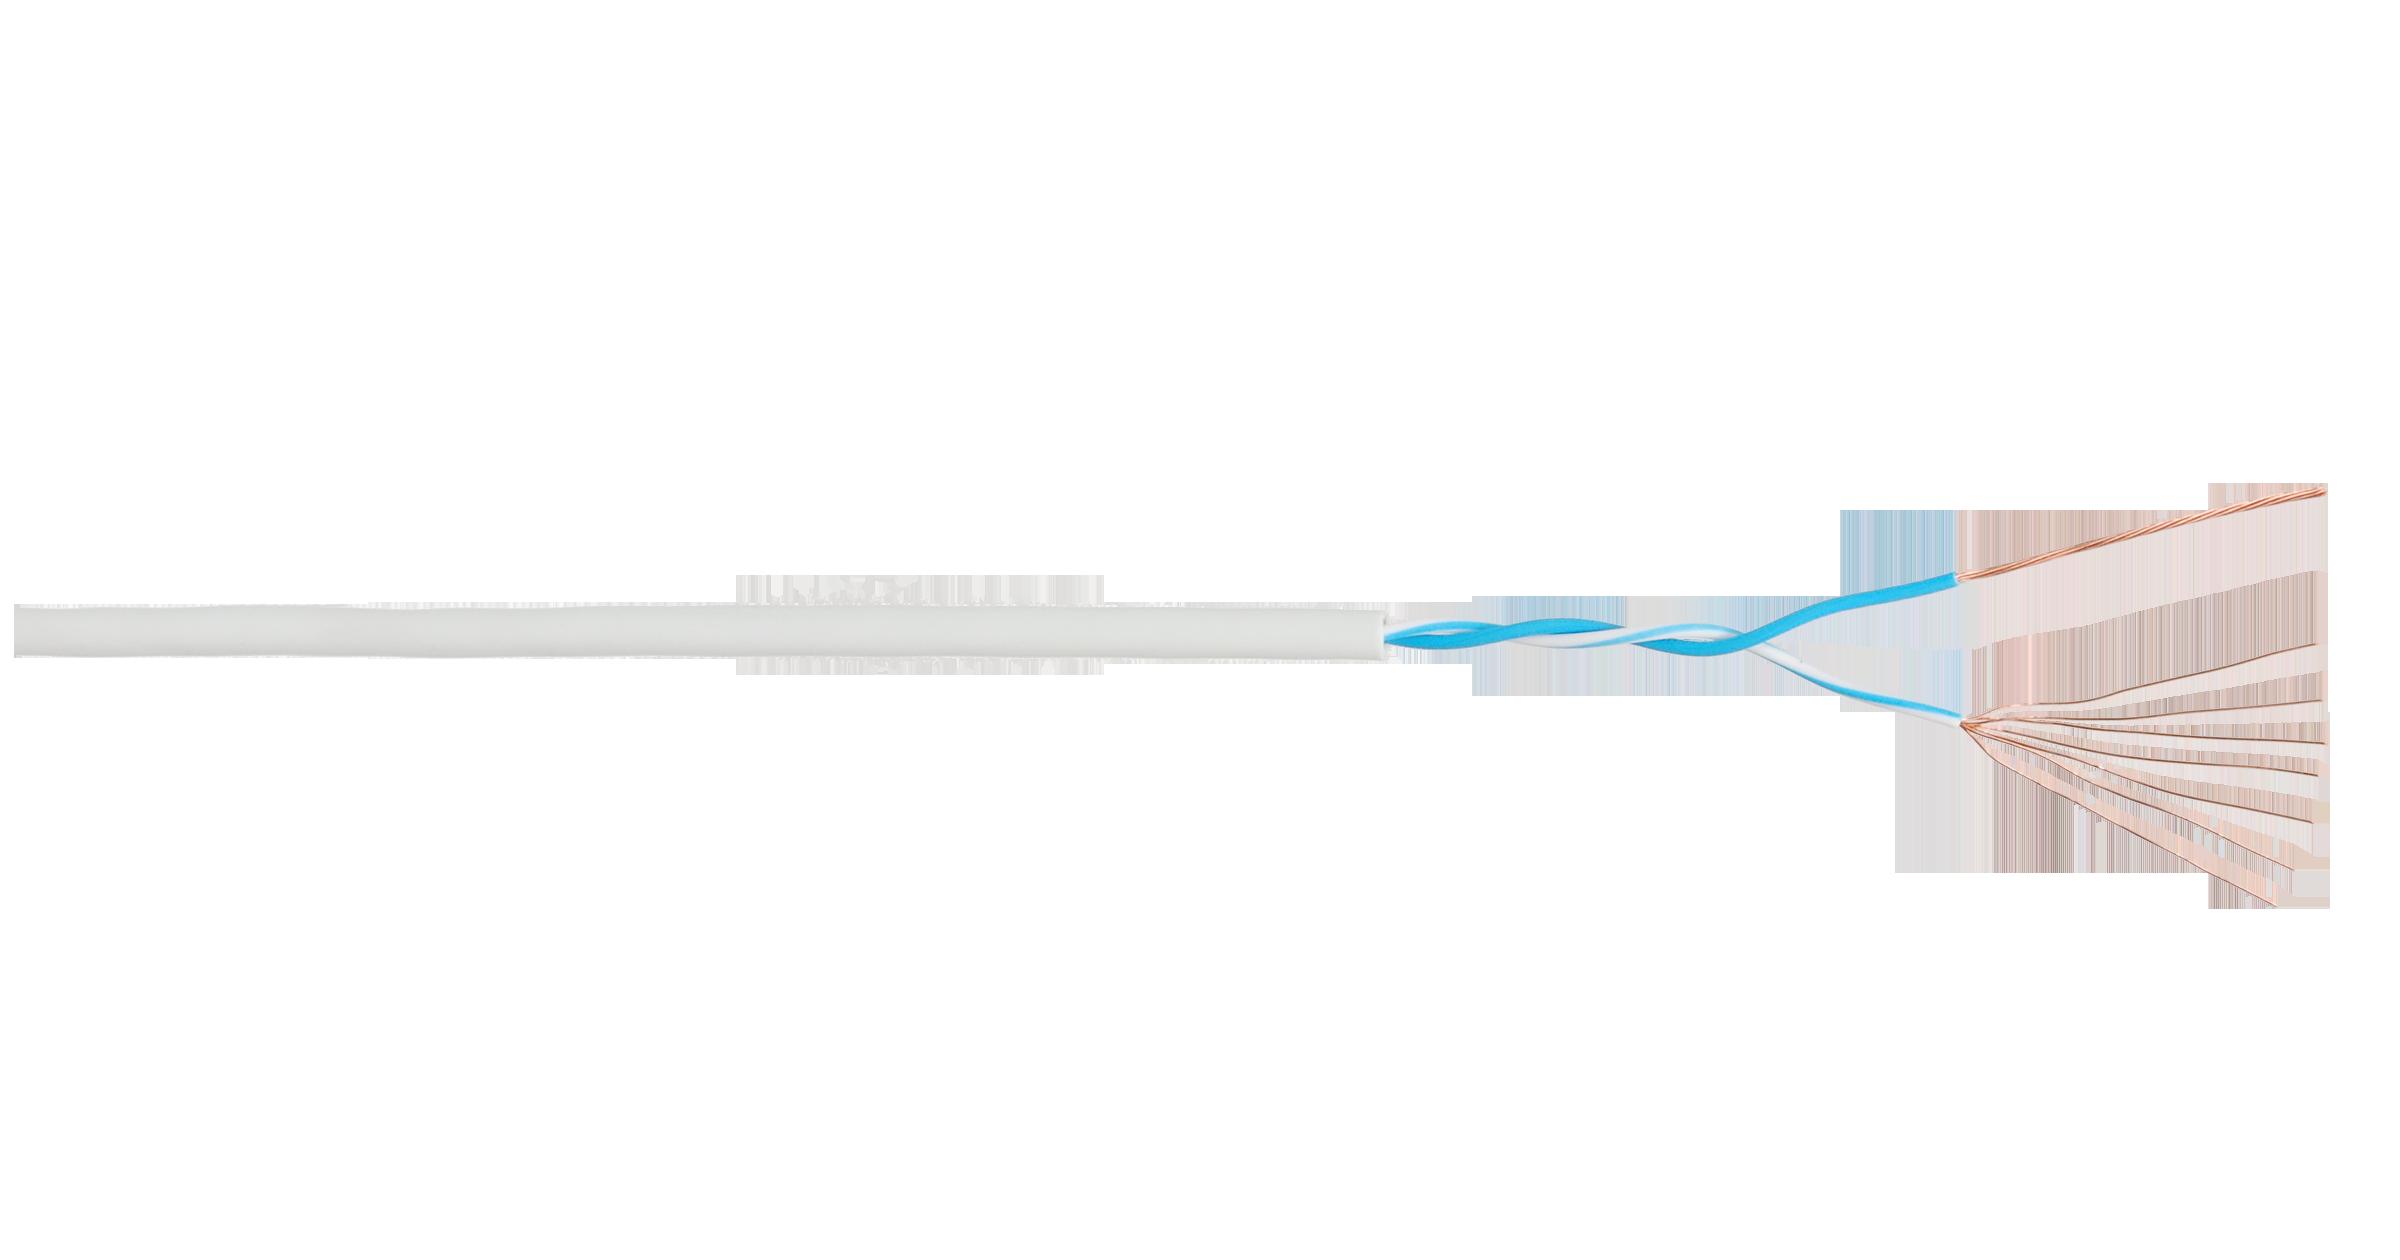 Кабель NIKOLAN U/UTP 1 пара, Кат.3 (Класс С), 16МГц, многожильный, BC (чистая медь), 24AWG (7х0,192мм), внутренний, PVC нг(А), светло-серый, 305м - гарантия: 1 год